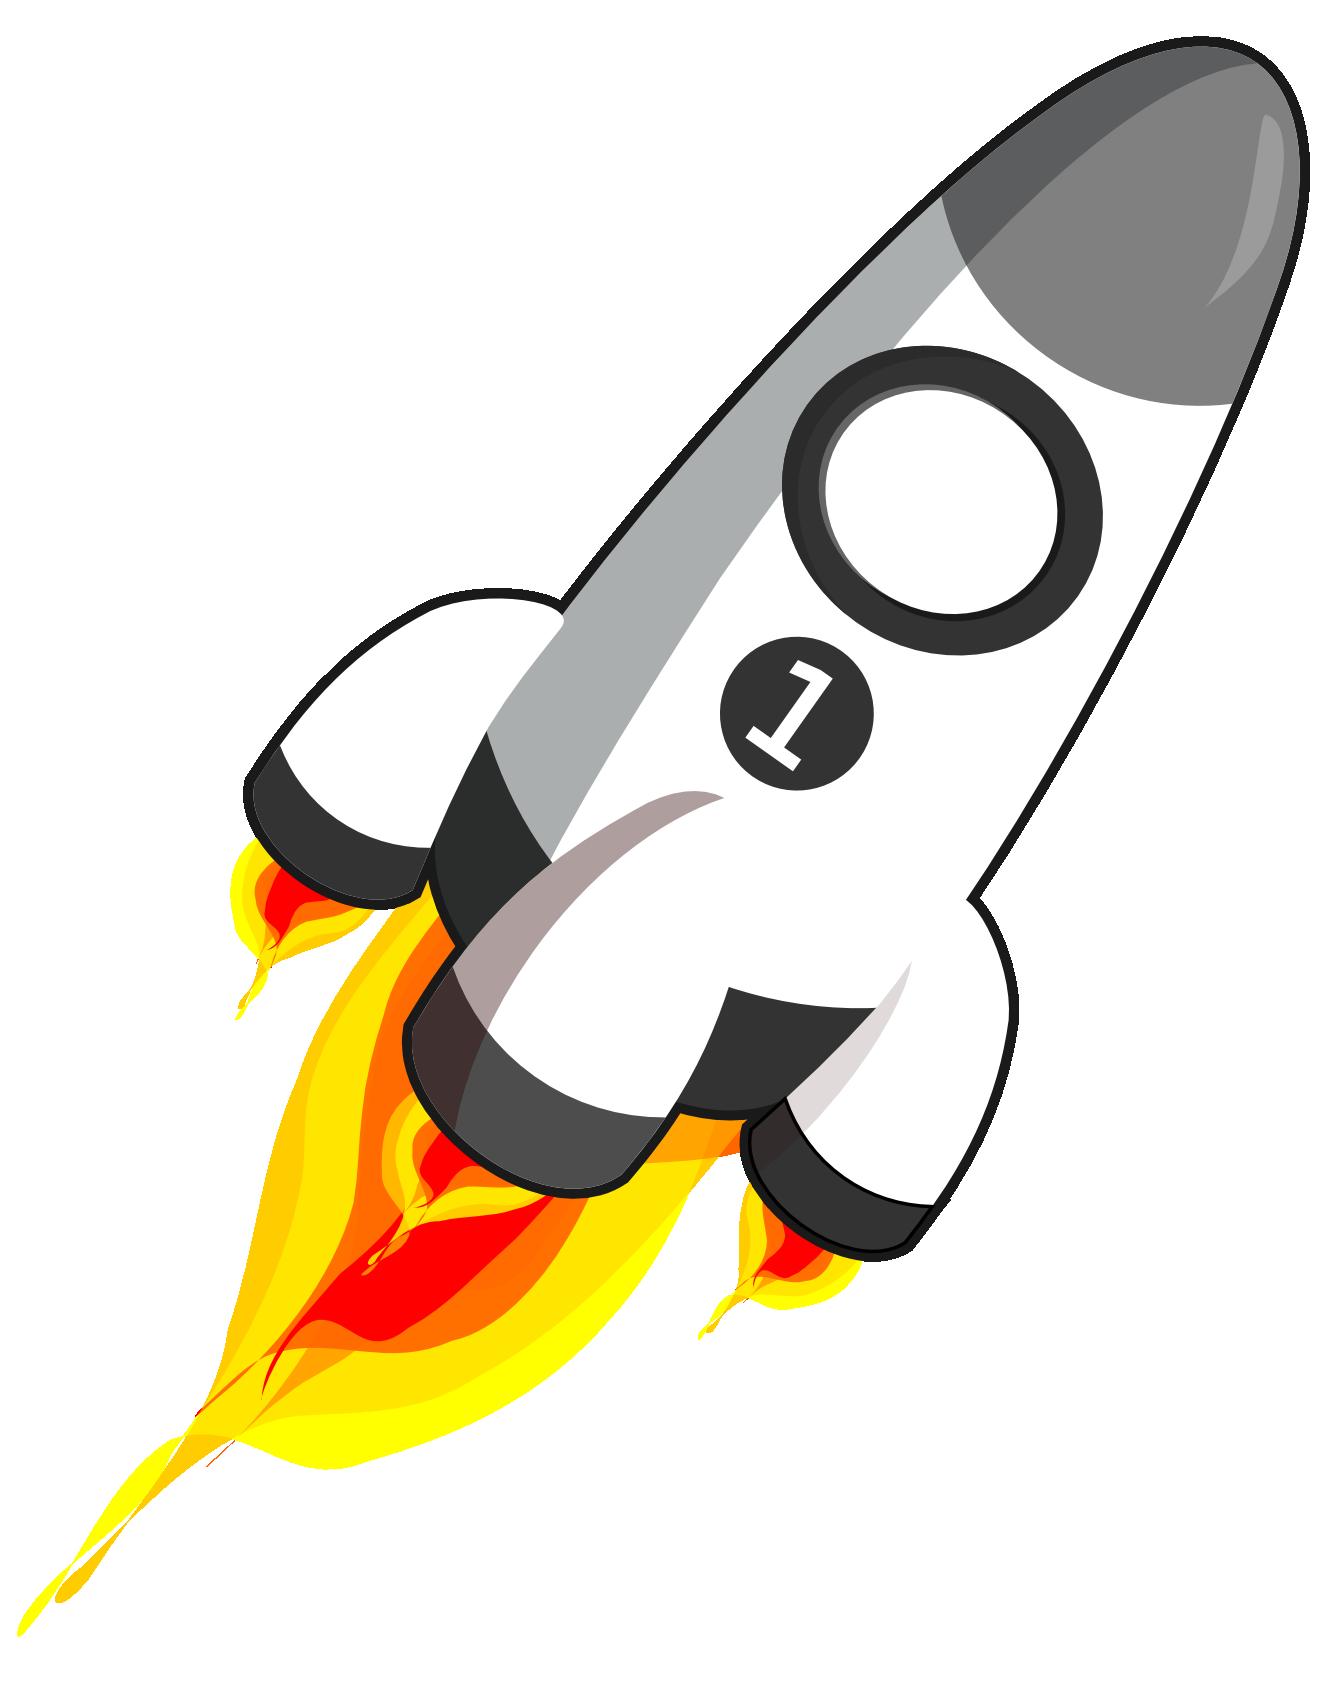 free cartoon rocket ship clip art - photo #23